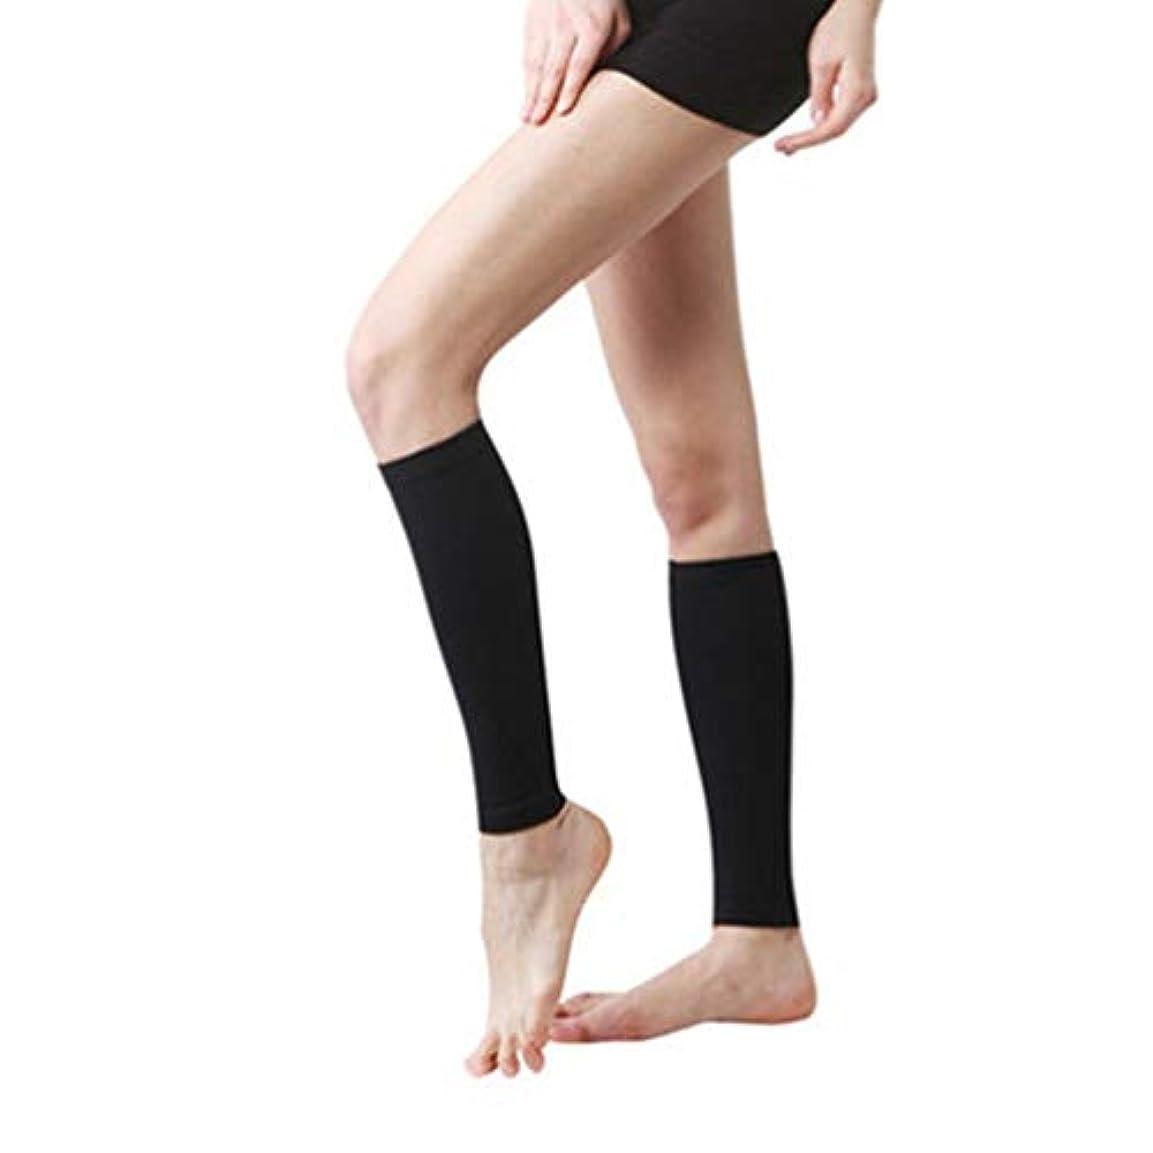 排泄する付与自由丈夫な男性女性プロの圧縮靴下通気性のある旅行活動看護師用シンススプリントフライトトラベル - ブラック